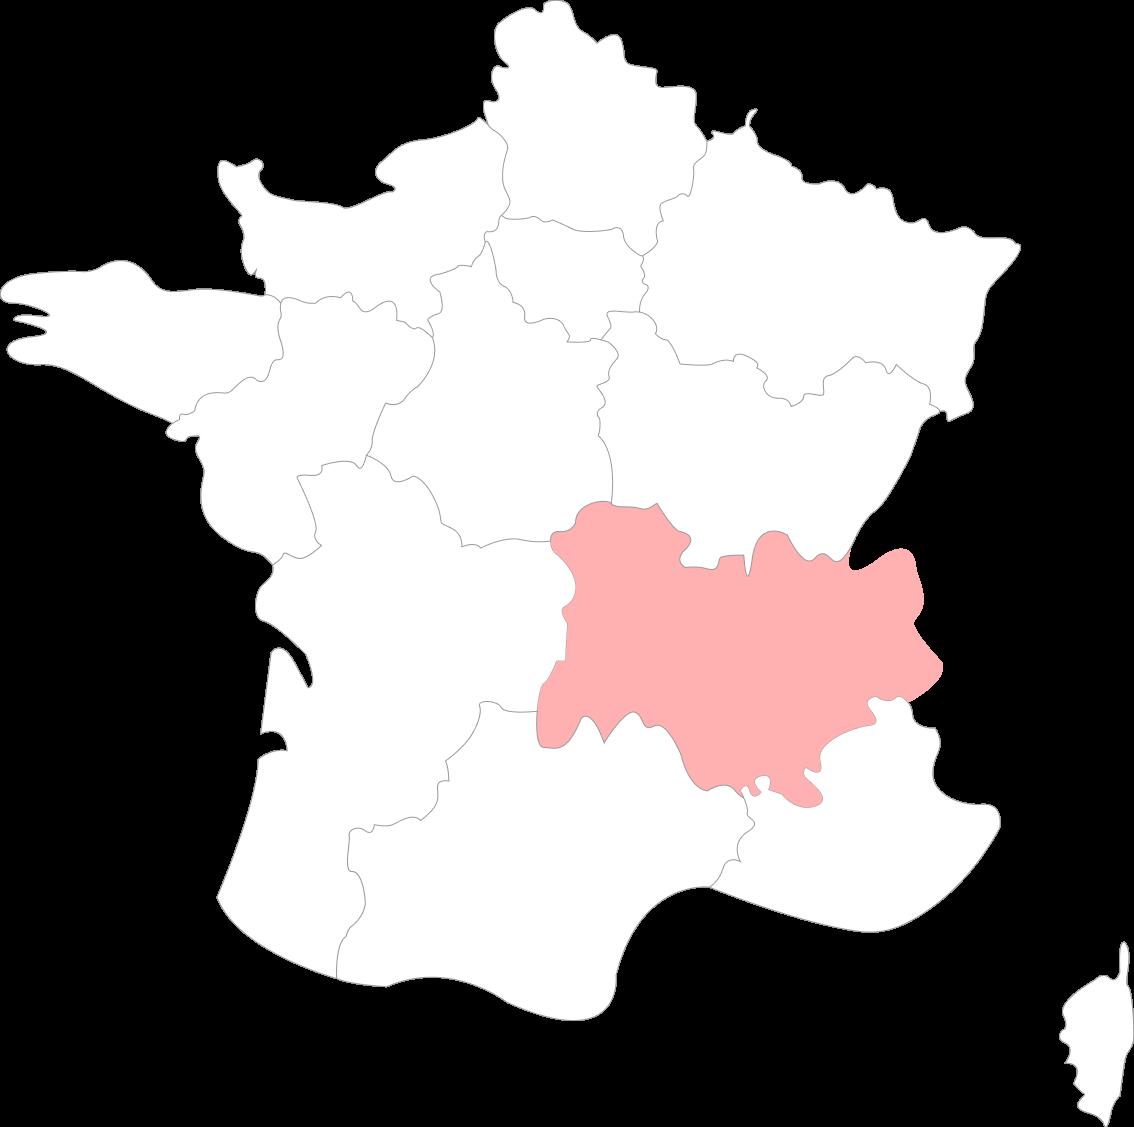 Map de la Région Auvergne-Rhône-Alpes